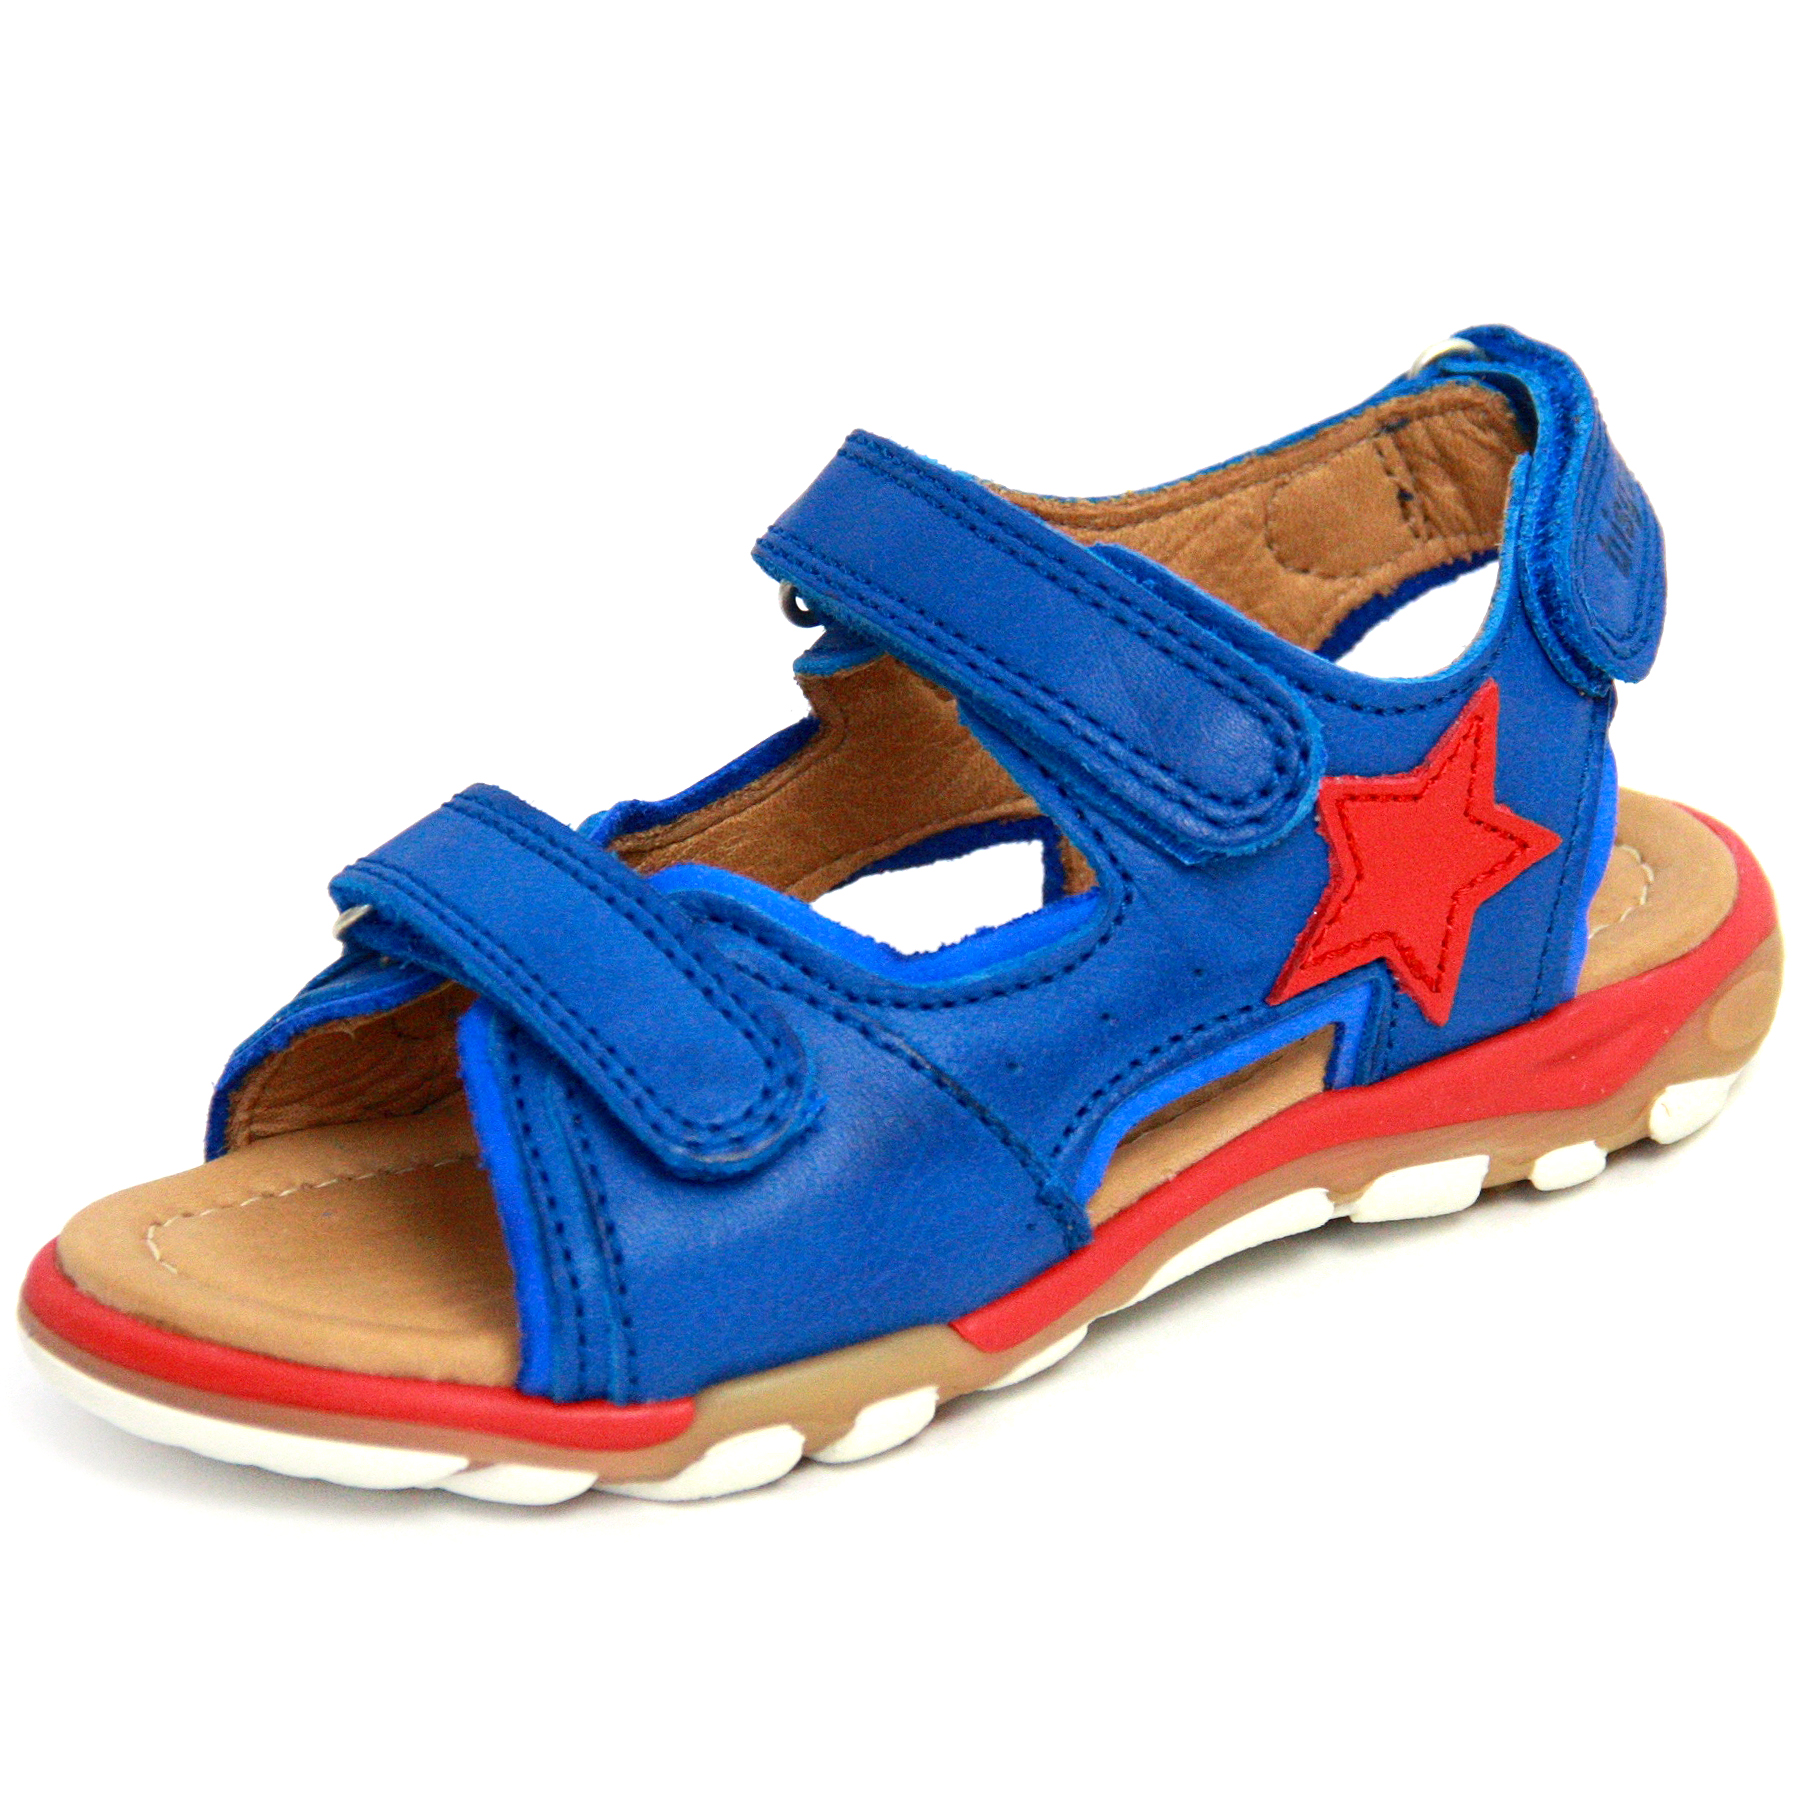 billig für Rabatt 10118 8f867 BISGAARD Kinder Sandale / Jungen Leder Sandale in Cobalt ...